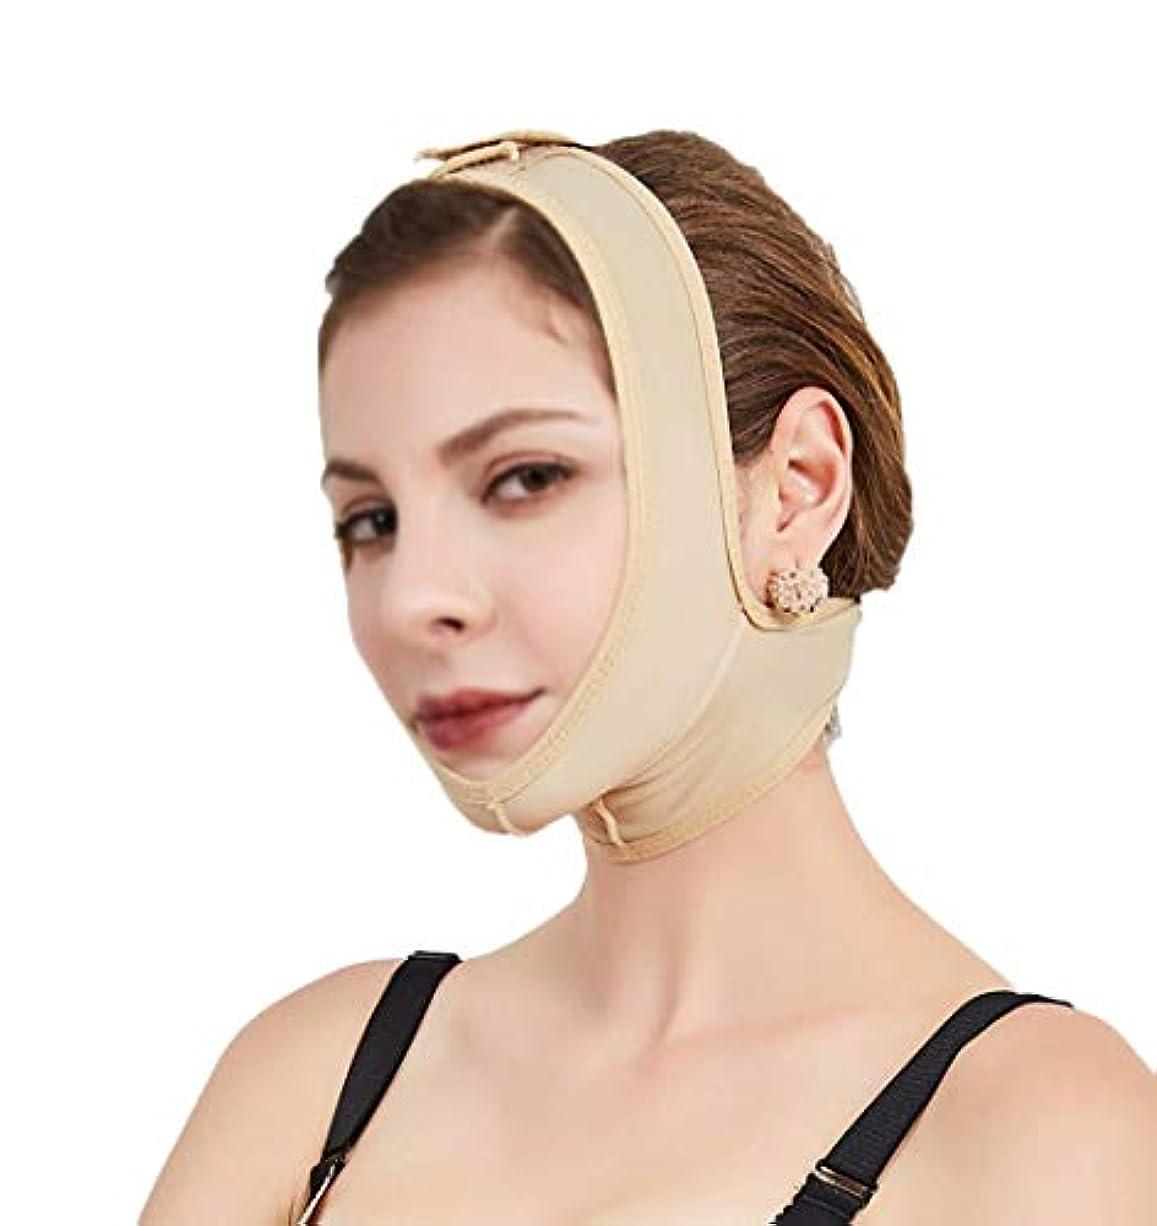 簡単に嵐主にフェイスアンドネックリフトポストエラスティックスリーブ下顎骨セットフェイスアーティファクトVフェイスフェイシャルフェイスバンドルダブルチンマスク(サイズ:XS)